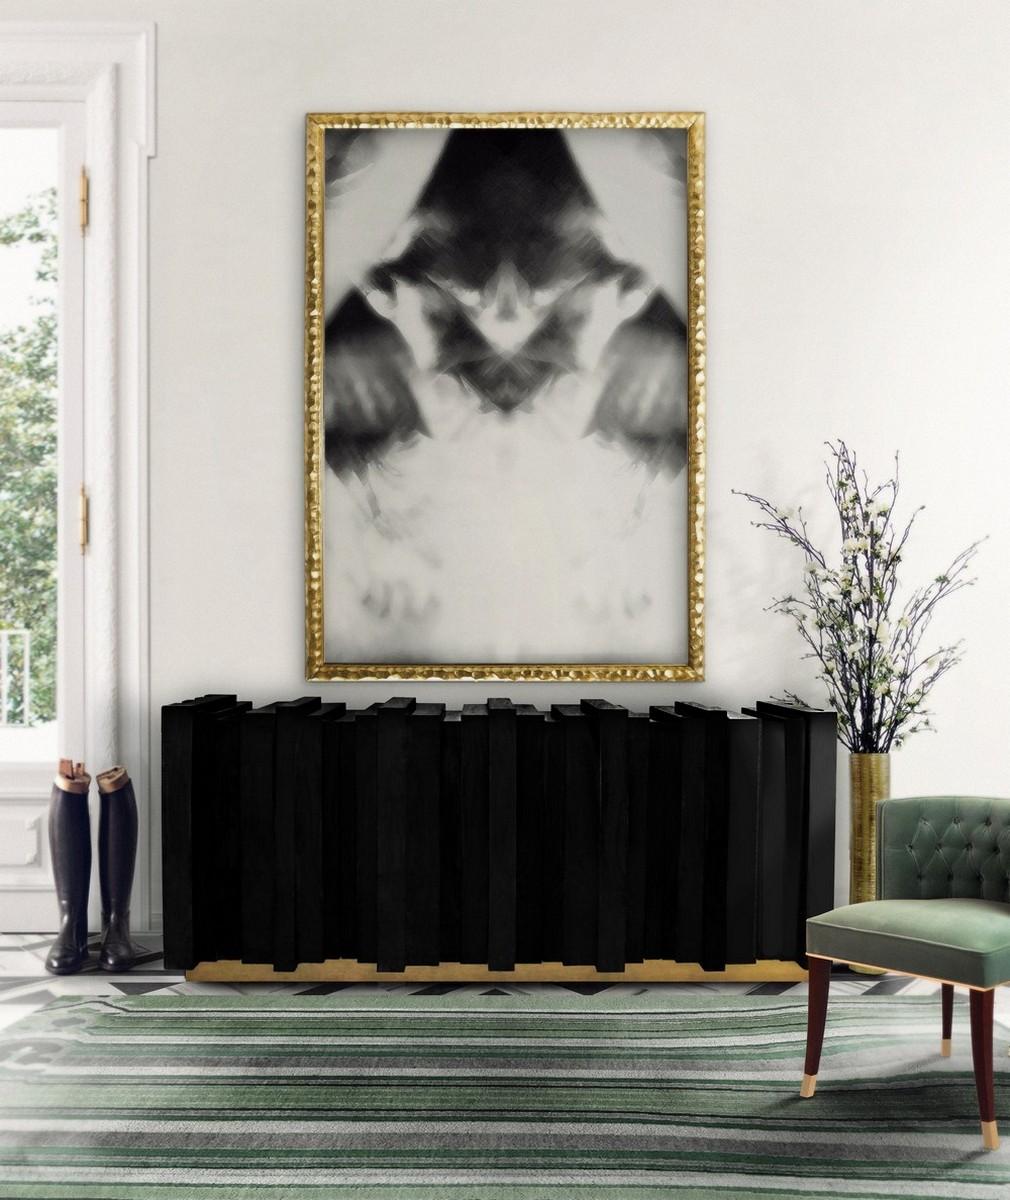 Ideas de Decoración: Alfombras lujuosas y poderosas para un proyecto exclusivo ideas de decoración Ideas de Decoración: Alfombras lujuosas y poderosas para un proyecto exclusivo 7a8a0488dbba124bfc708adbc0bbca09